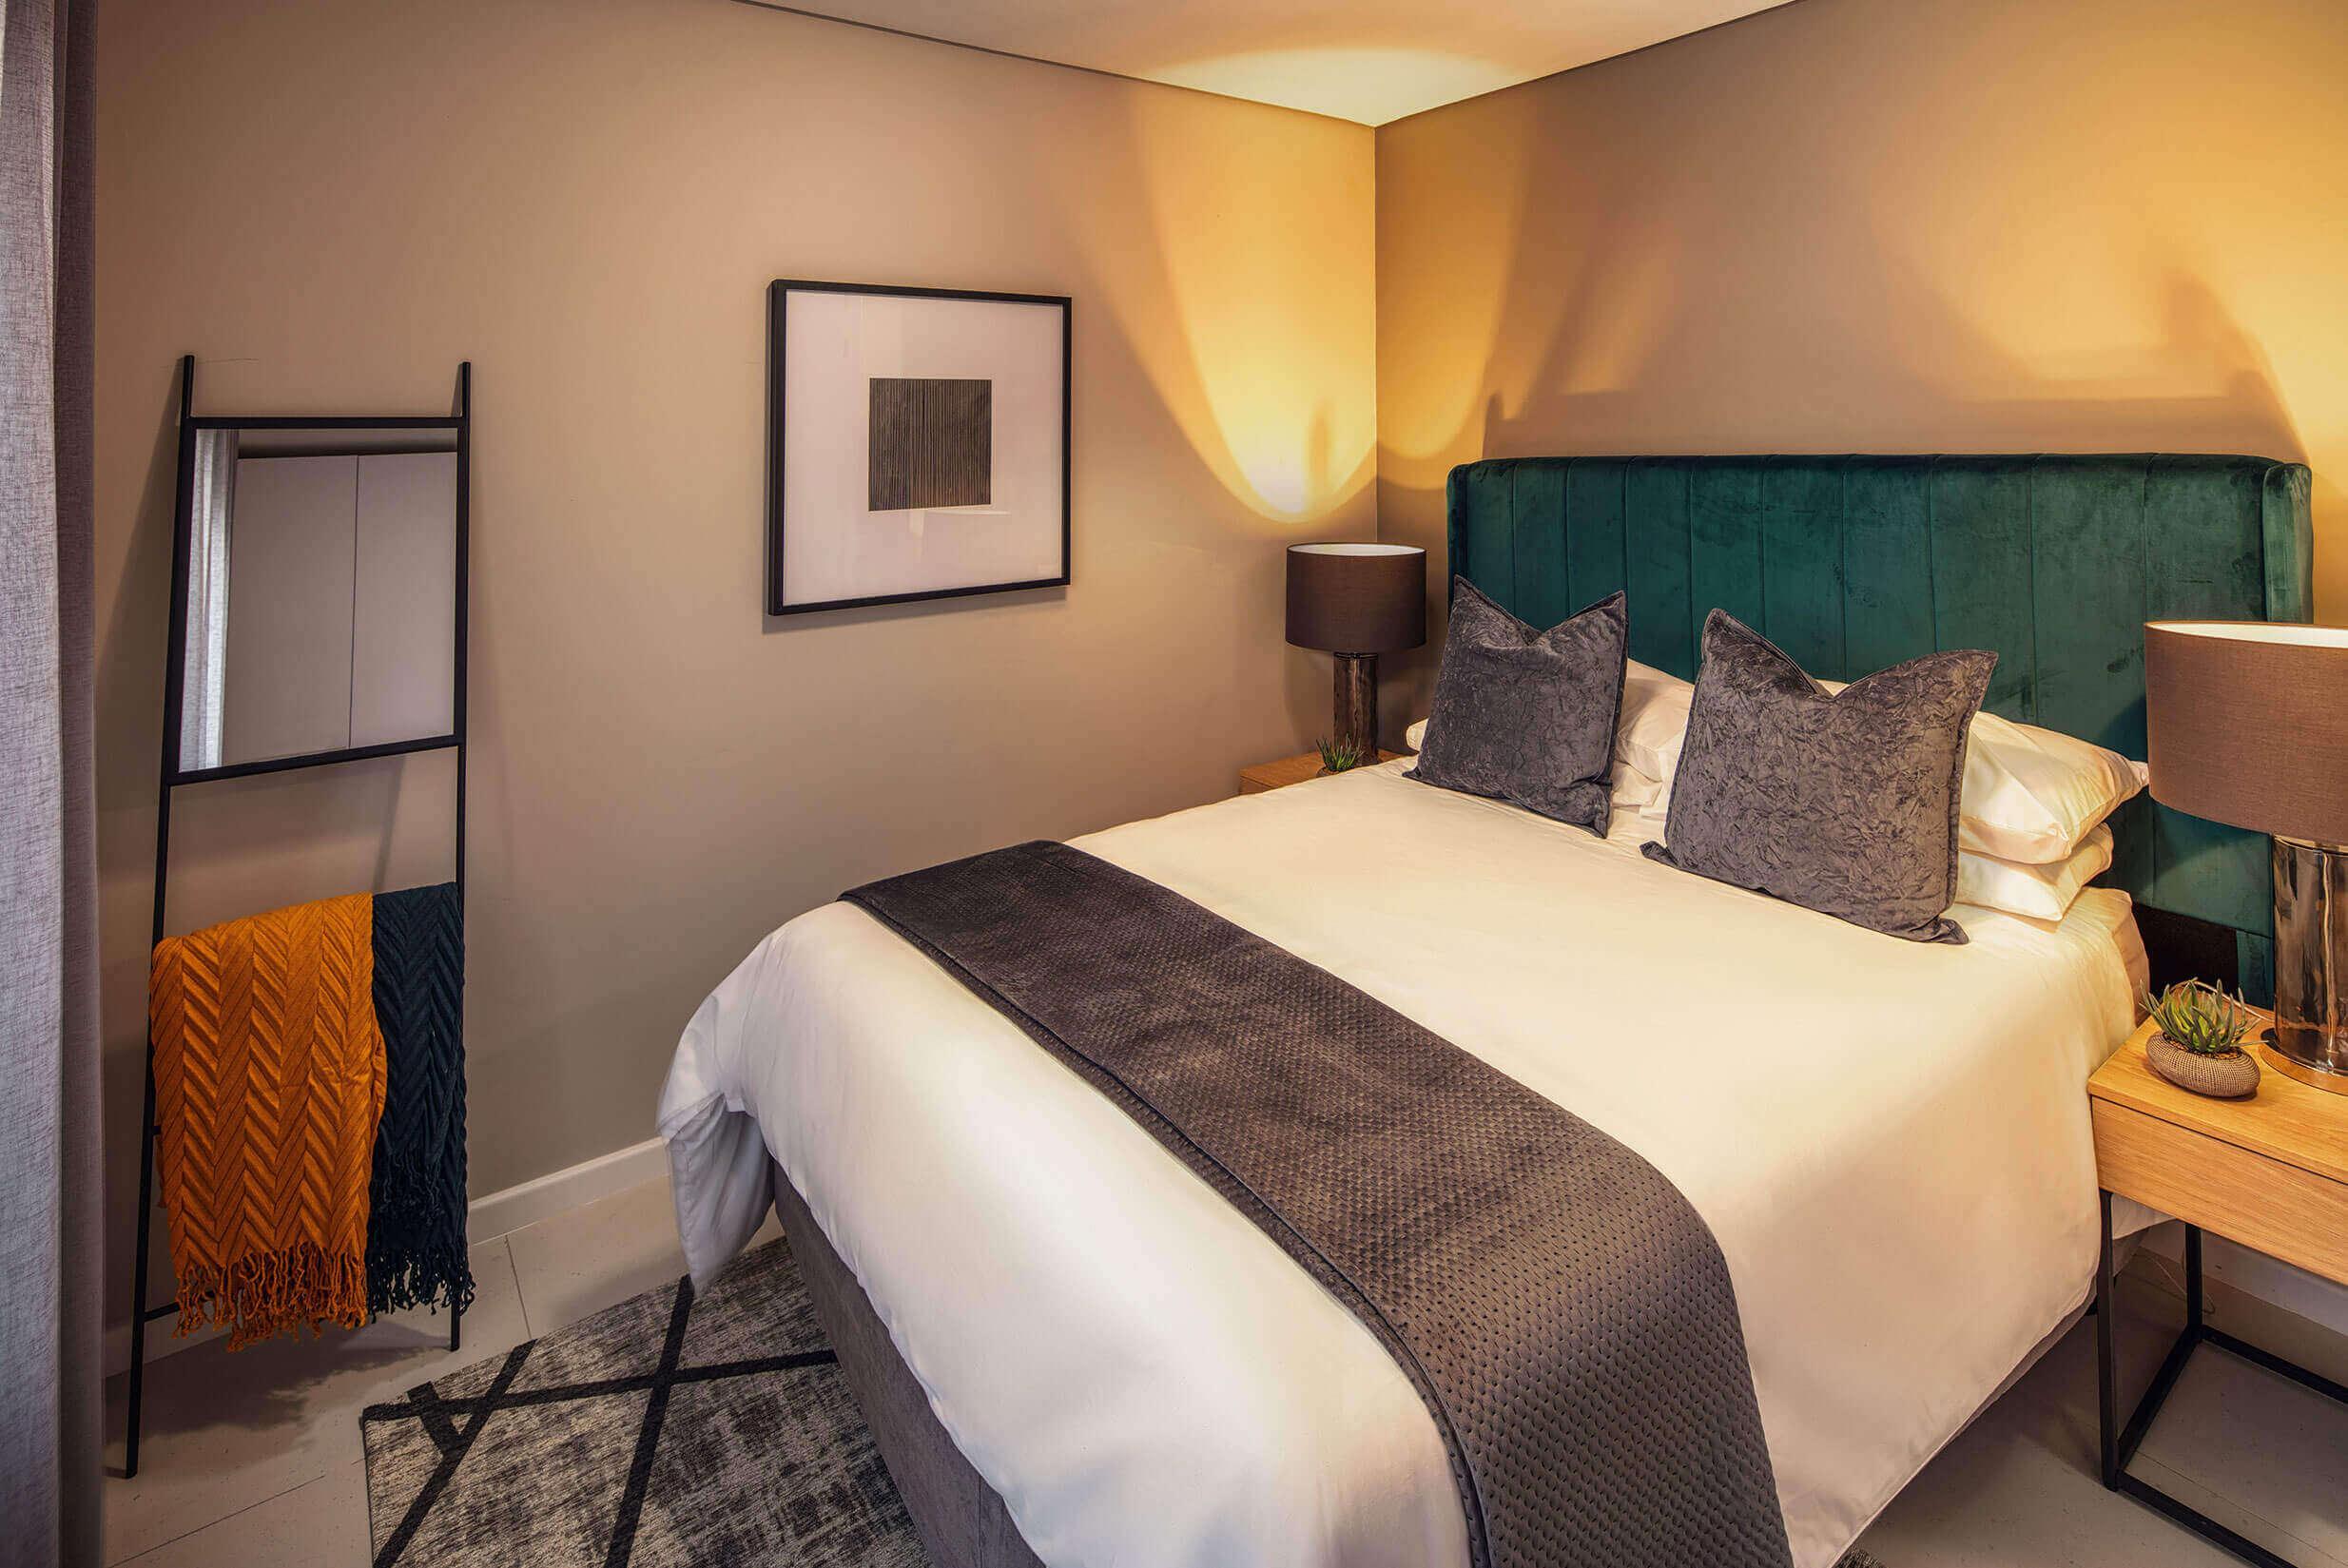 Plovers Nest Townhouses - Bedroom 2